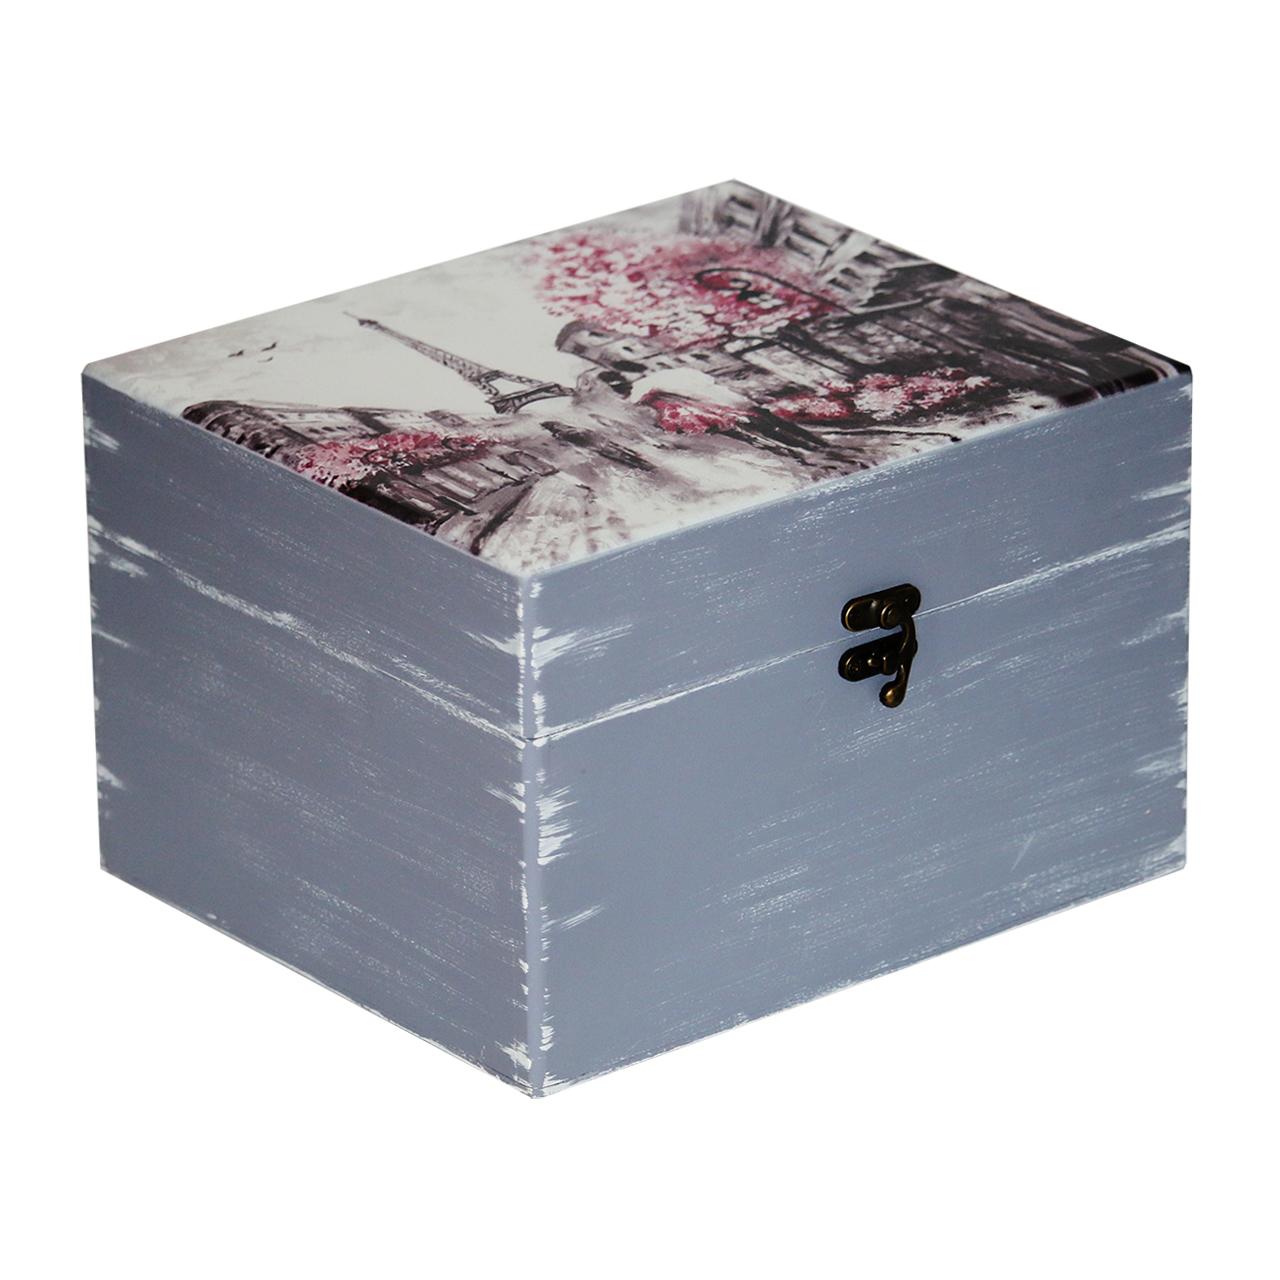 جعبه هدیه چوبی طرح عاشقانه در پاریس کد 03